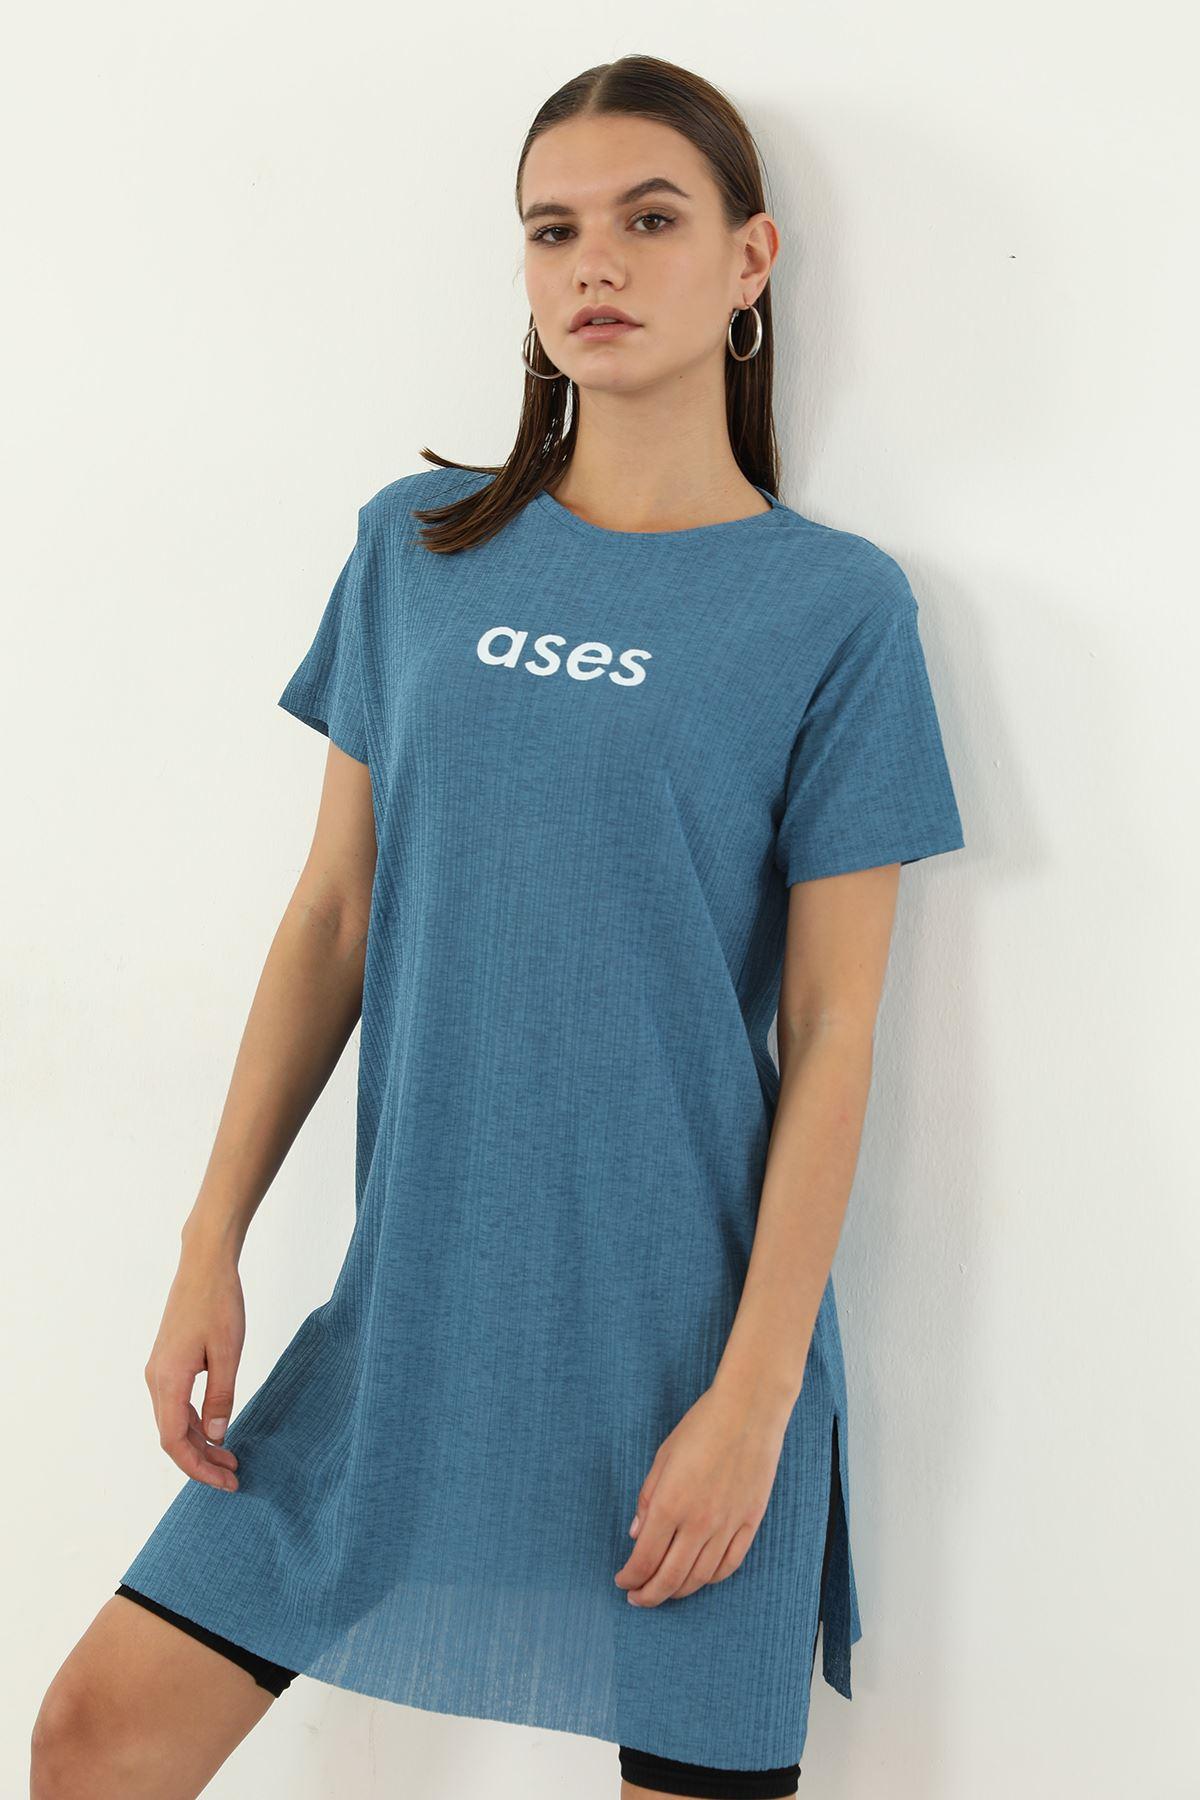 Ases Baskılı T-shirt-İndigo